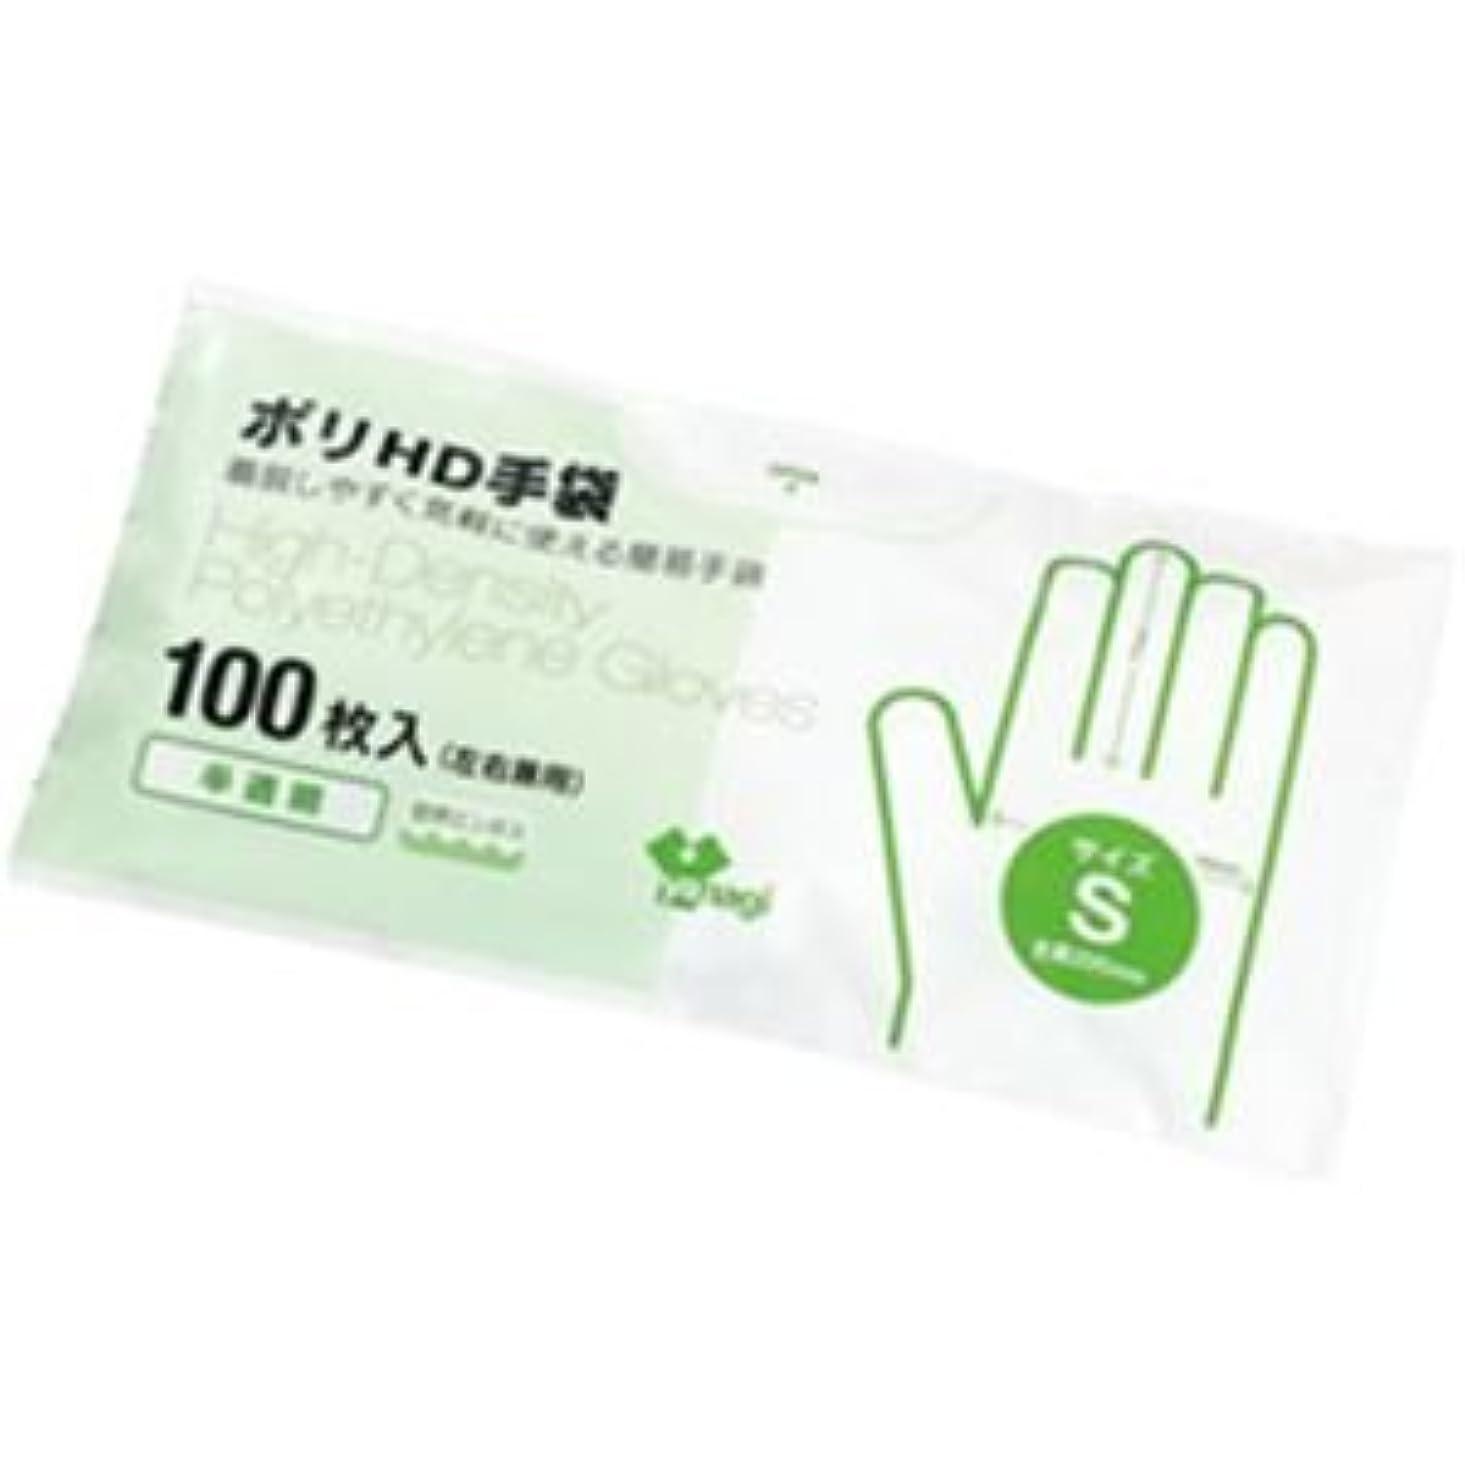 番目見る人浮浪者やなぎプロダクツ 高密度ポリエチレン手袋 S 半透明 1箱(100枚) ×30セット